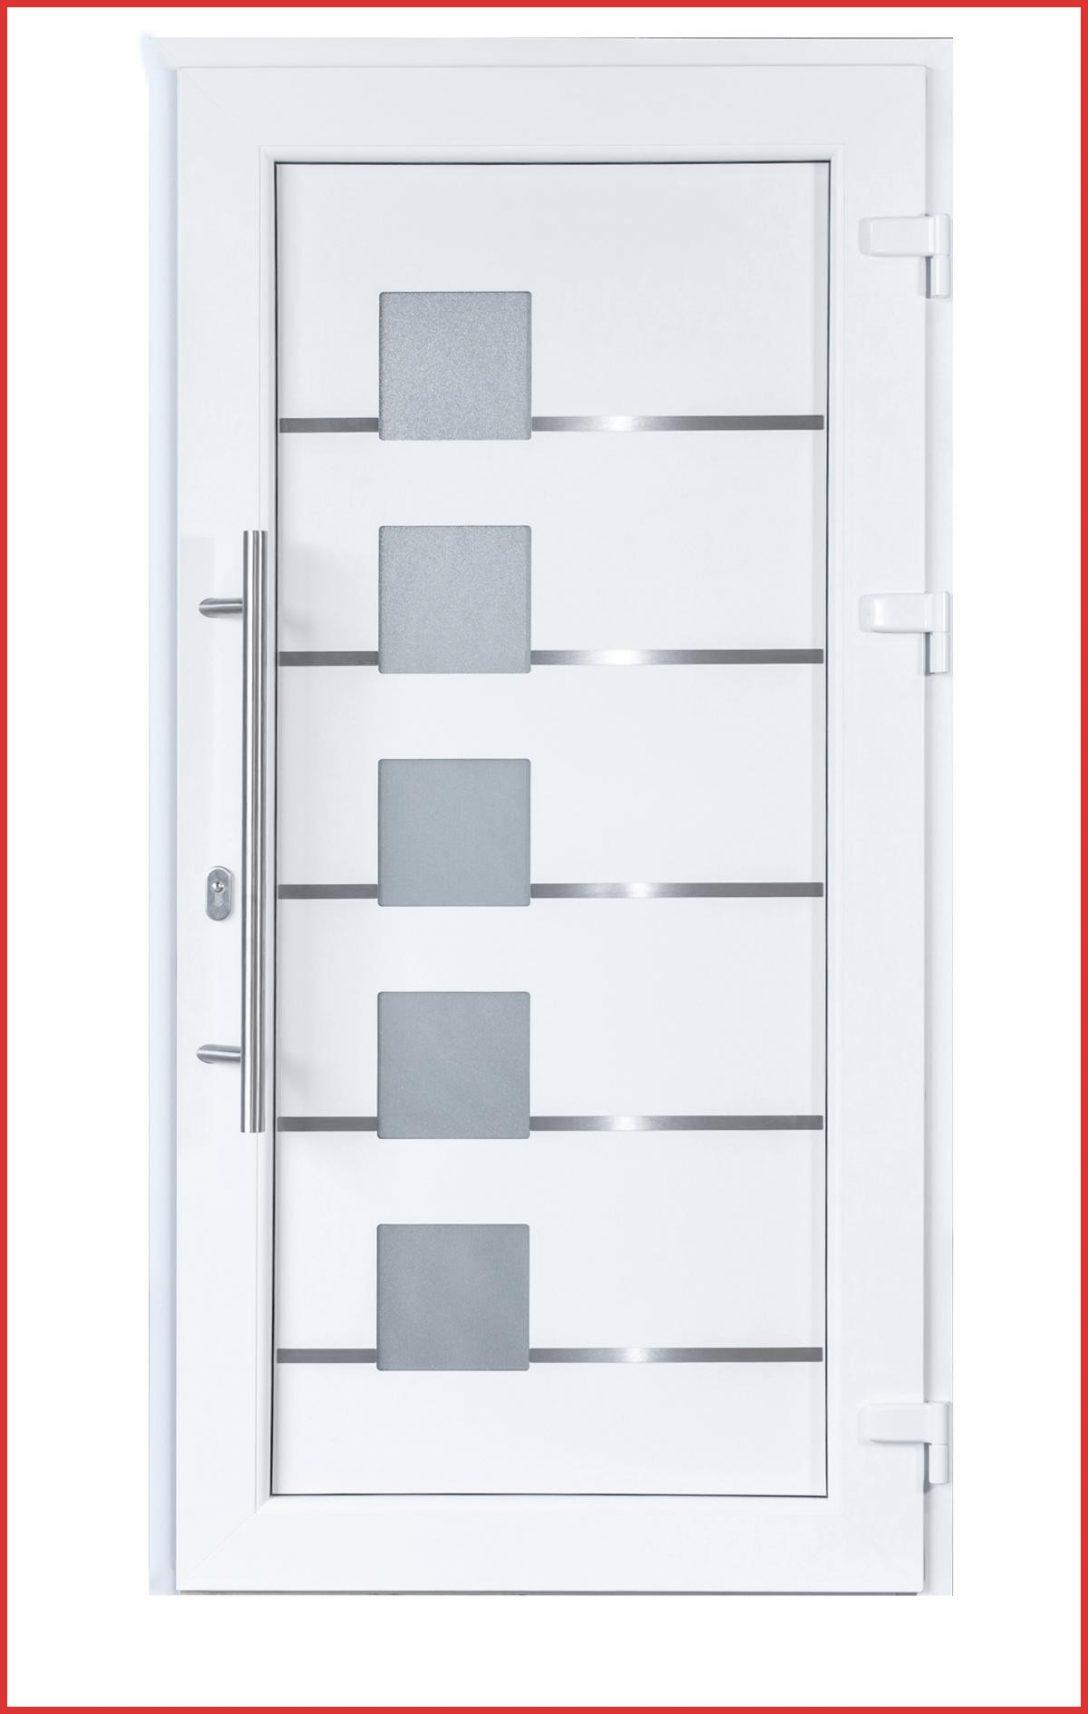 Large Size of Fenster Kaufen In Polen Rollcontainer Bad Schüco Online Bett Günstig Sicherheitsfolie Bodengleiche Dusche Einbauen Küche Roro Hotel Phönix Füssing Fenster Fenster Kaufen In Polen